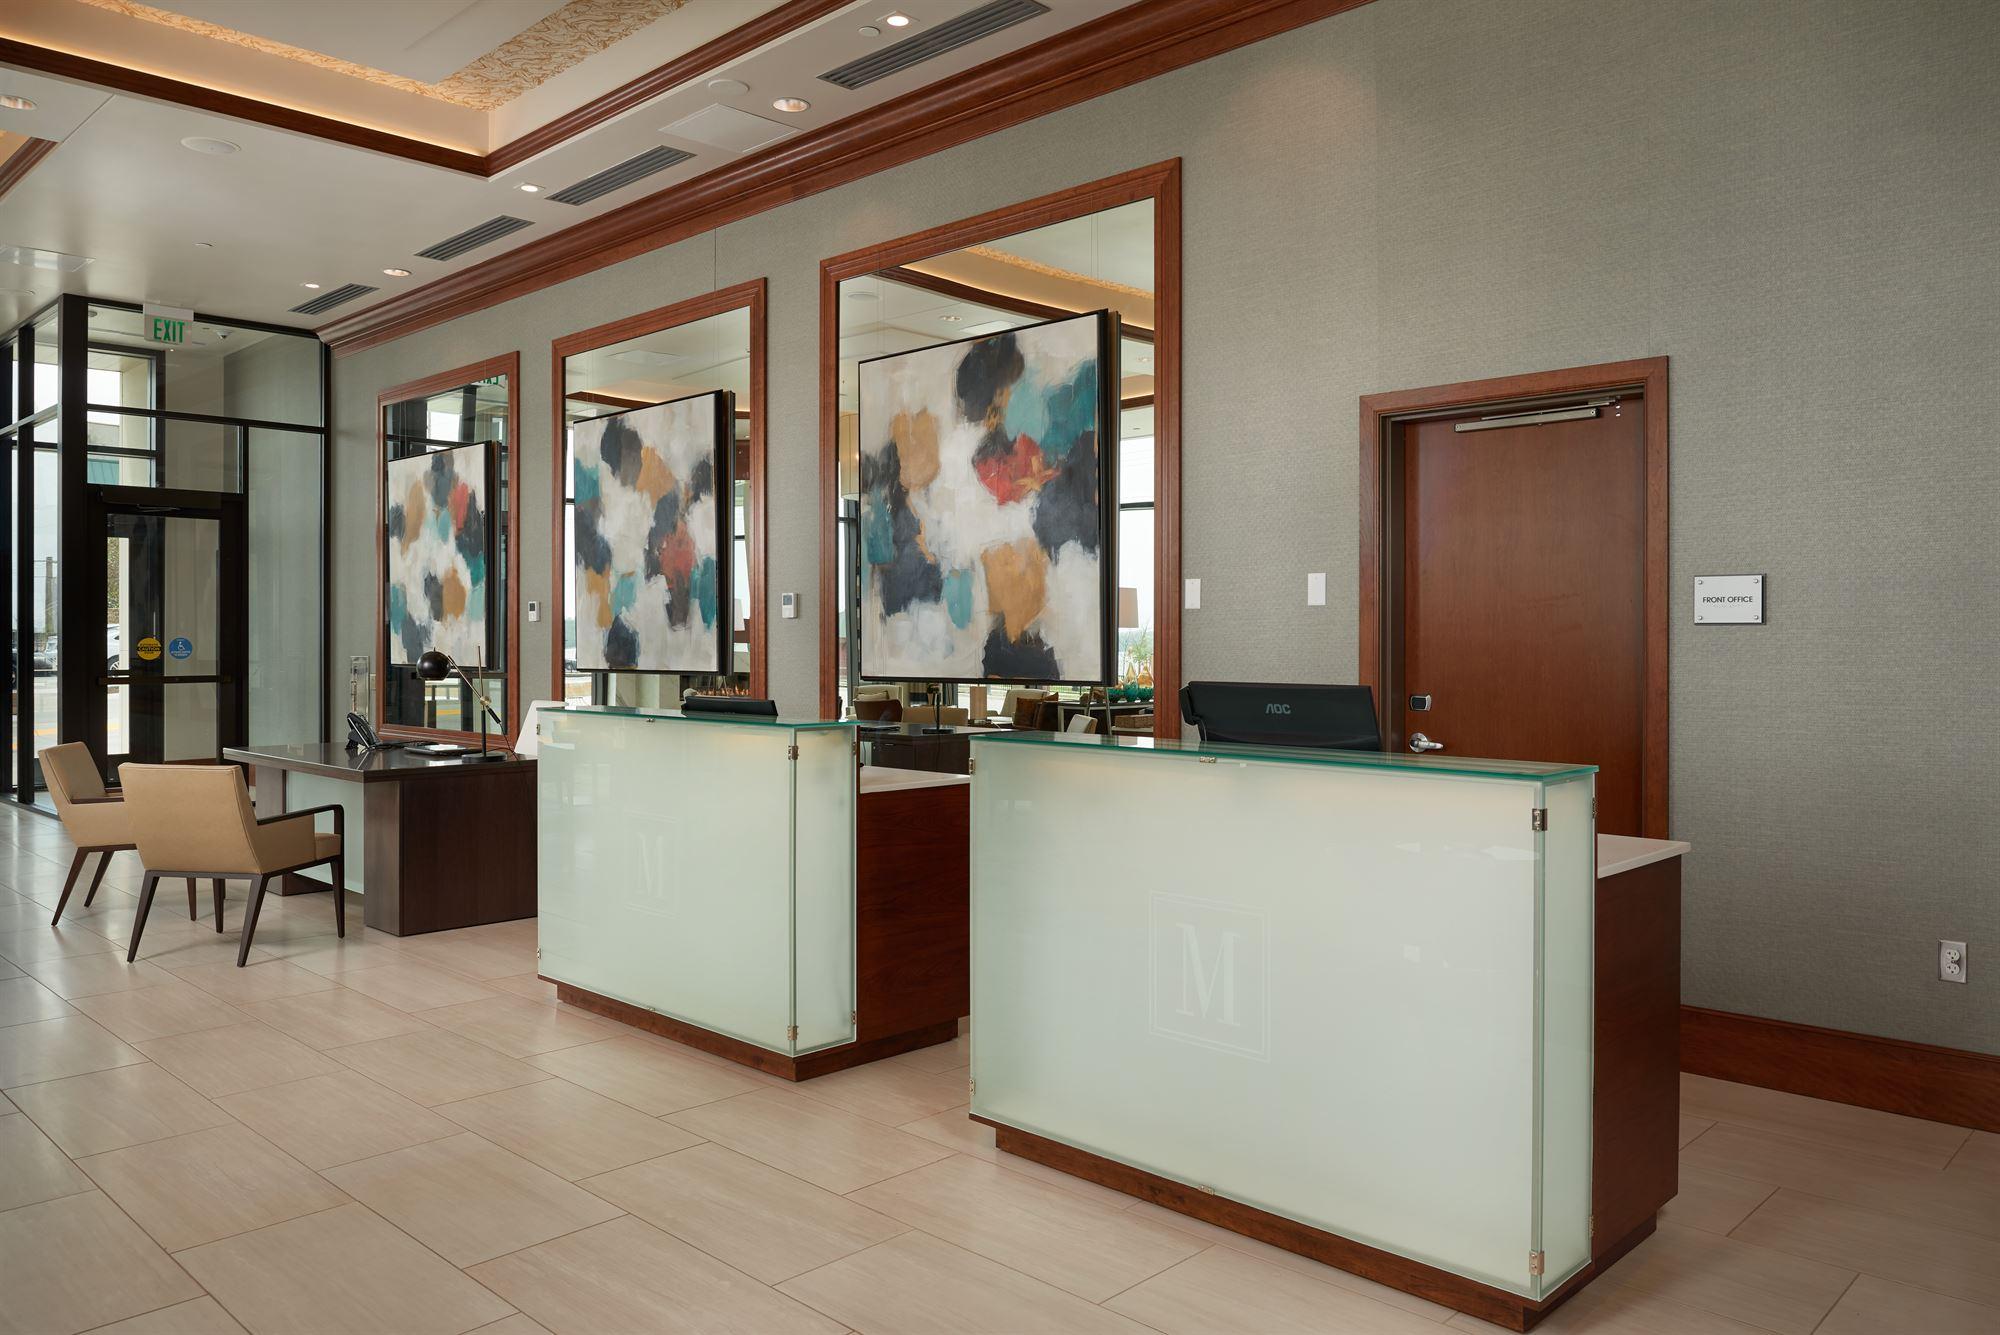 CLO Design » Merrill Hotel and Conference Center